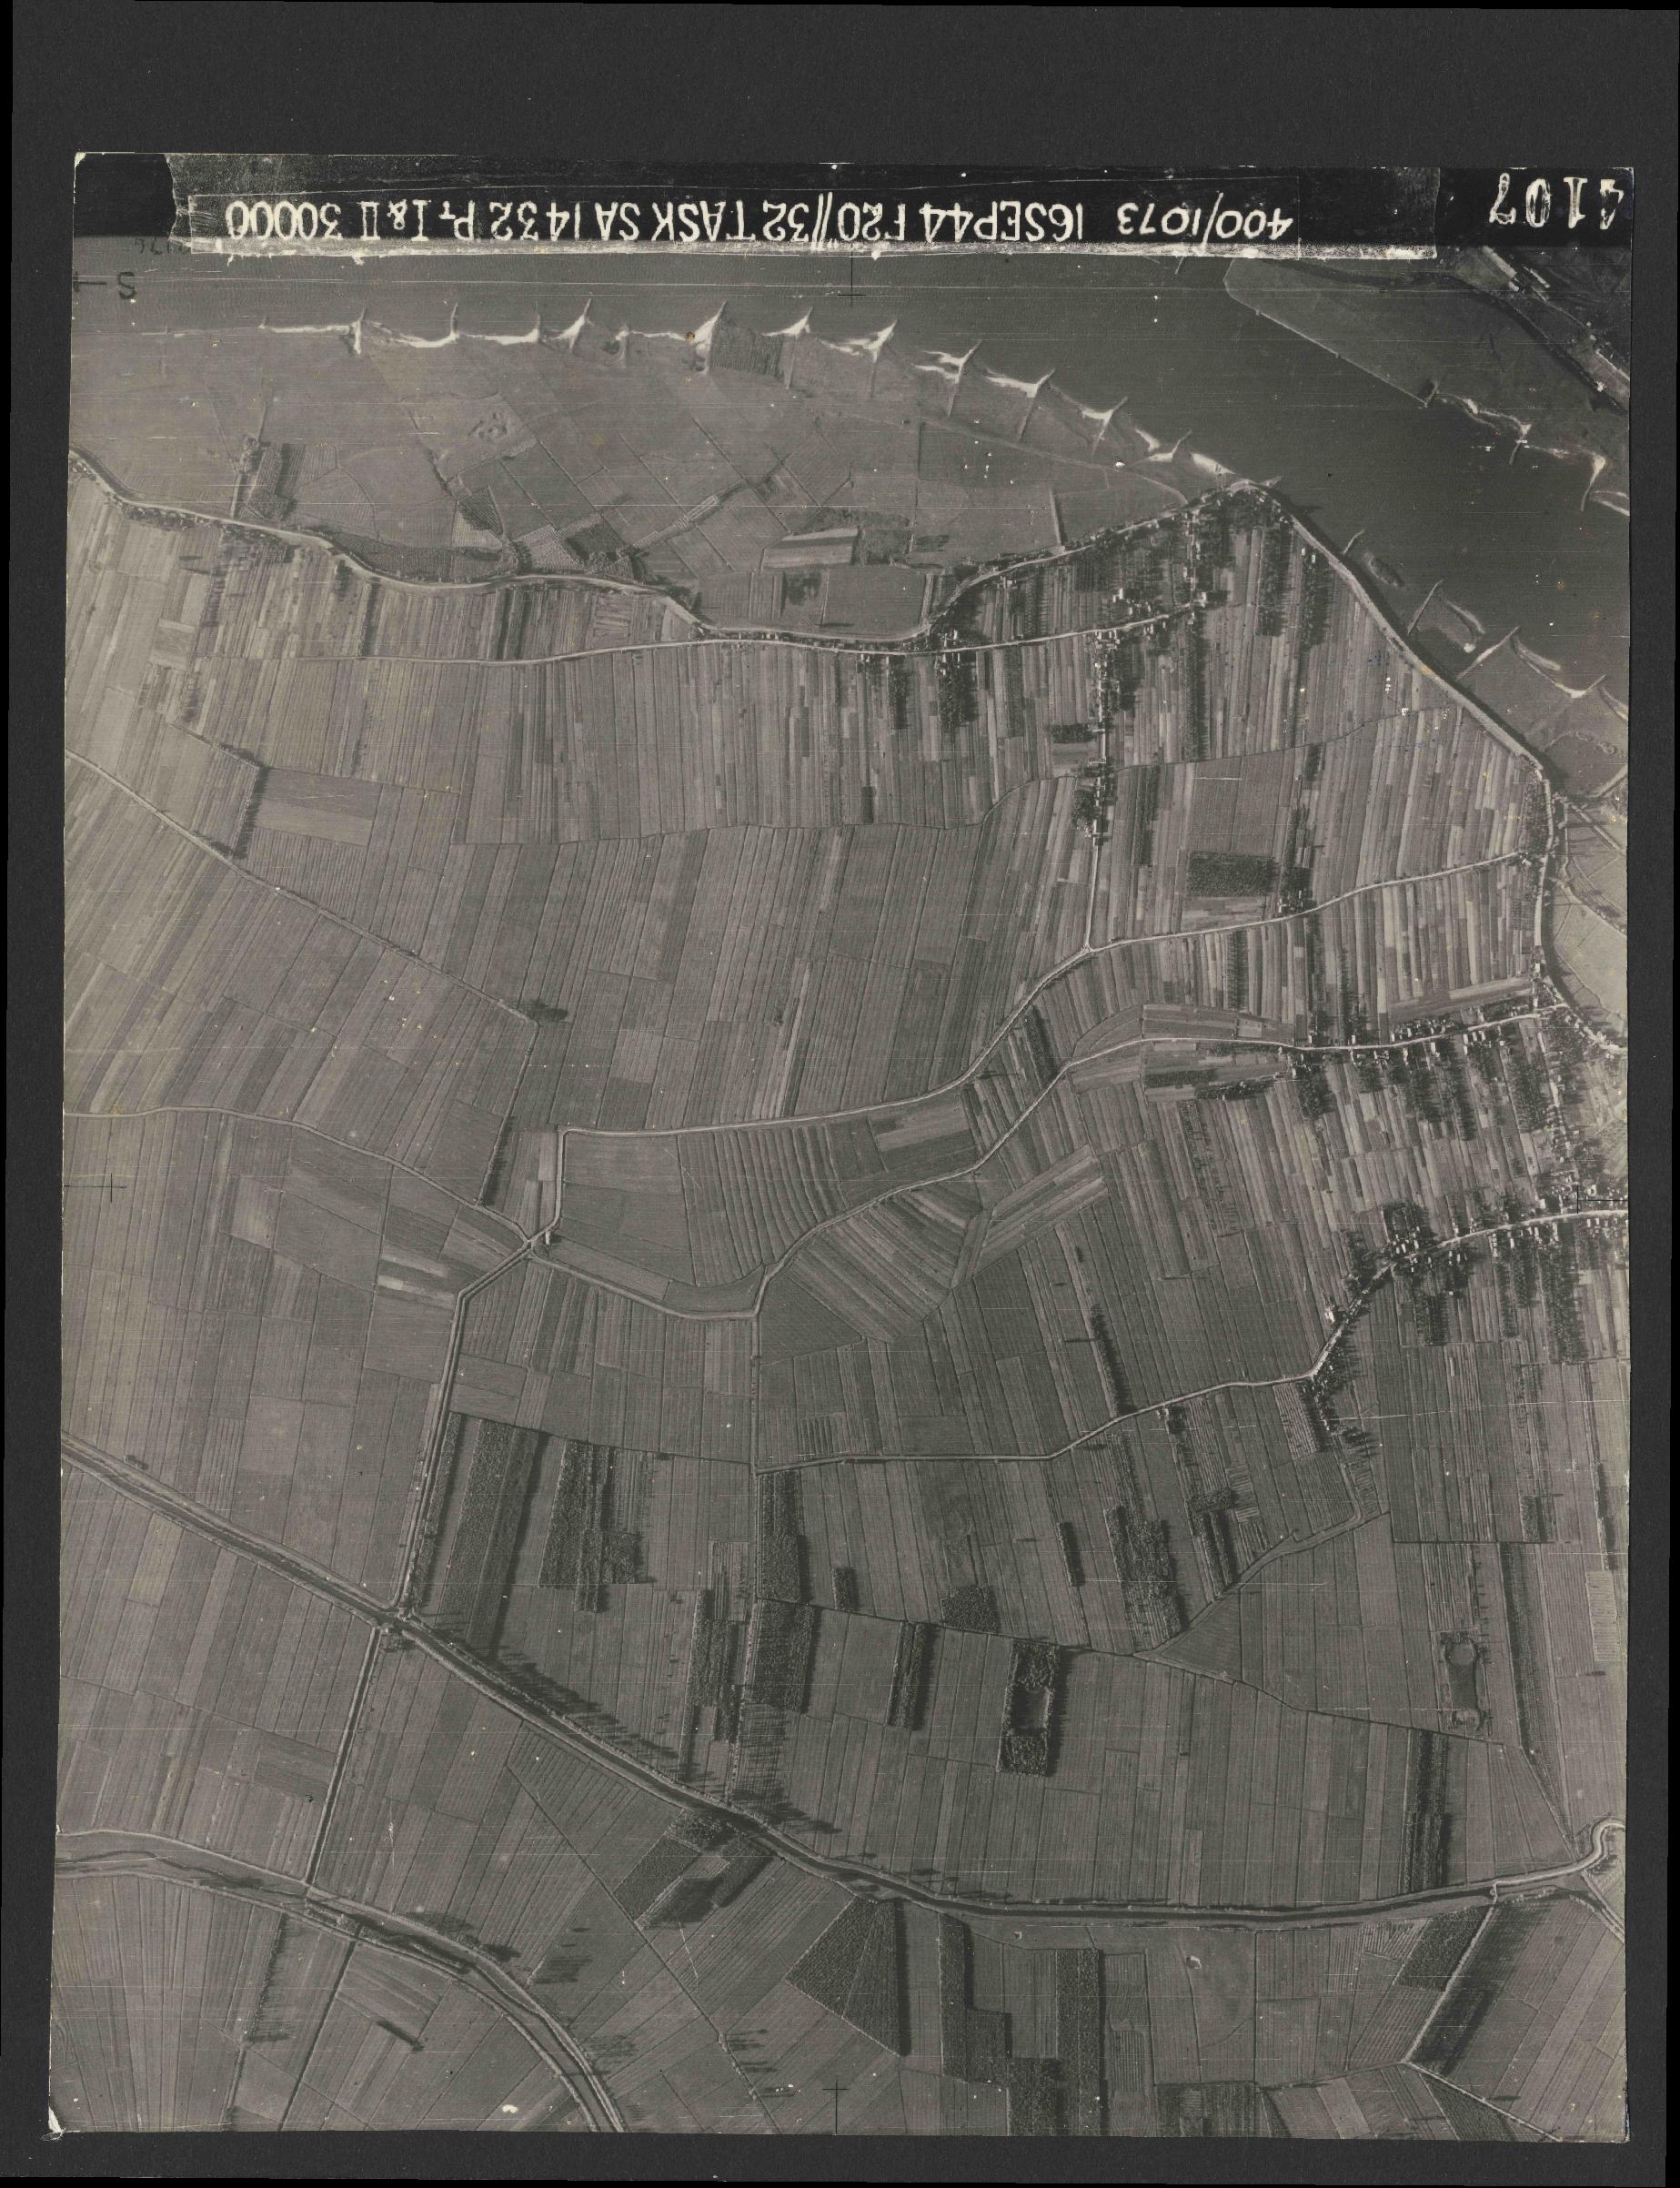 Collection RAF aerial photos 1940-1945 - flight 013, run 02, photo 4107